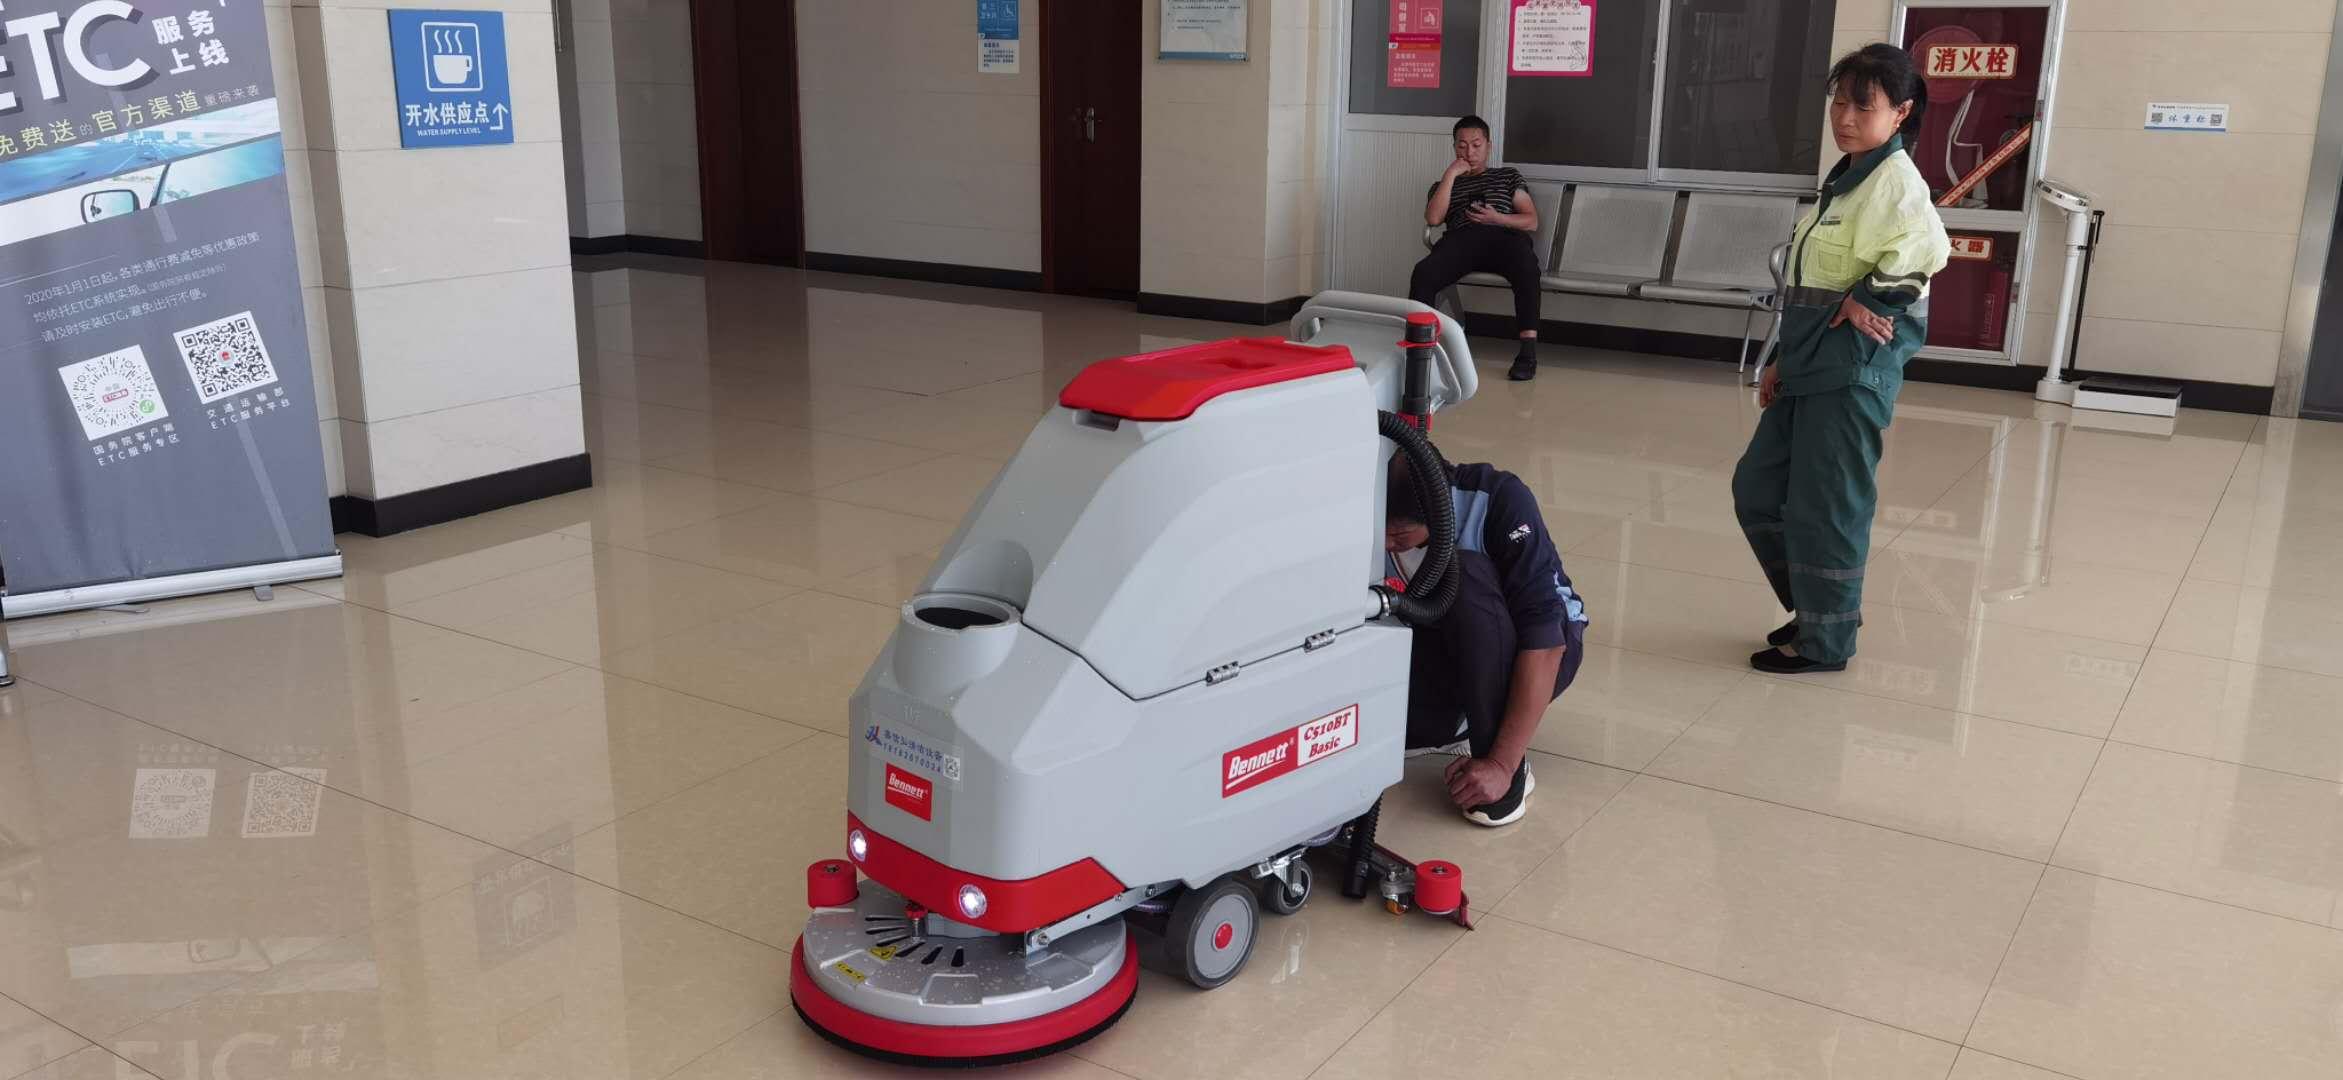 速来围观新晋清洁行业的宠儿—洗地机